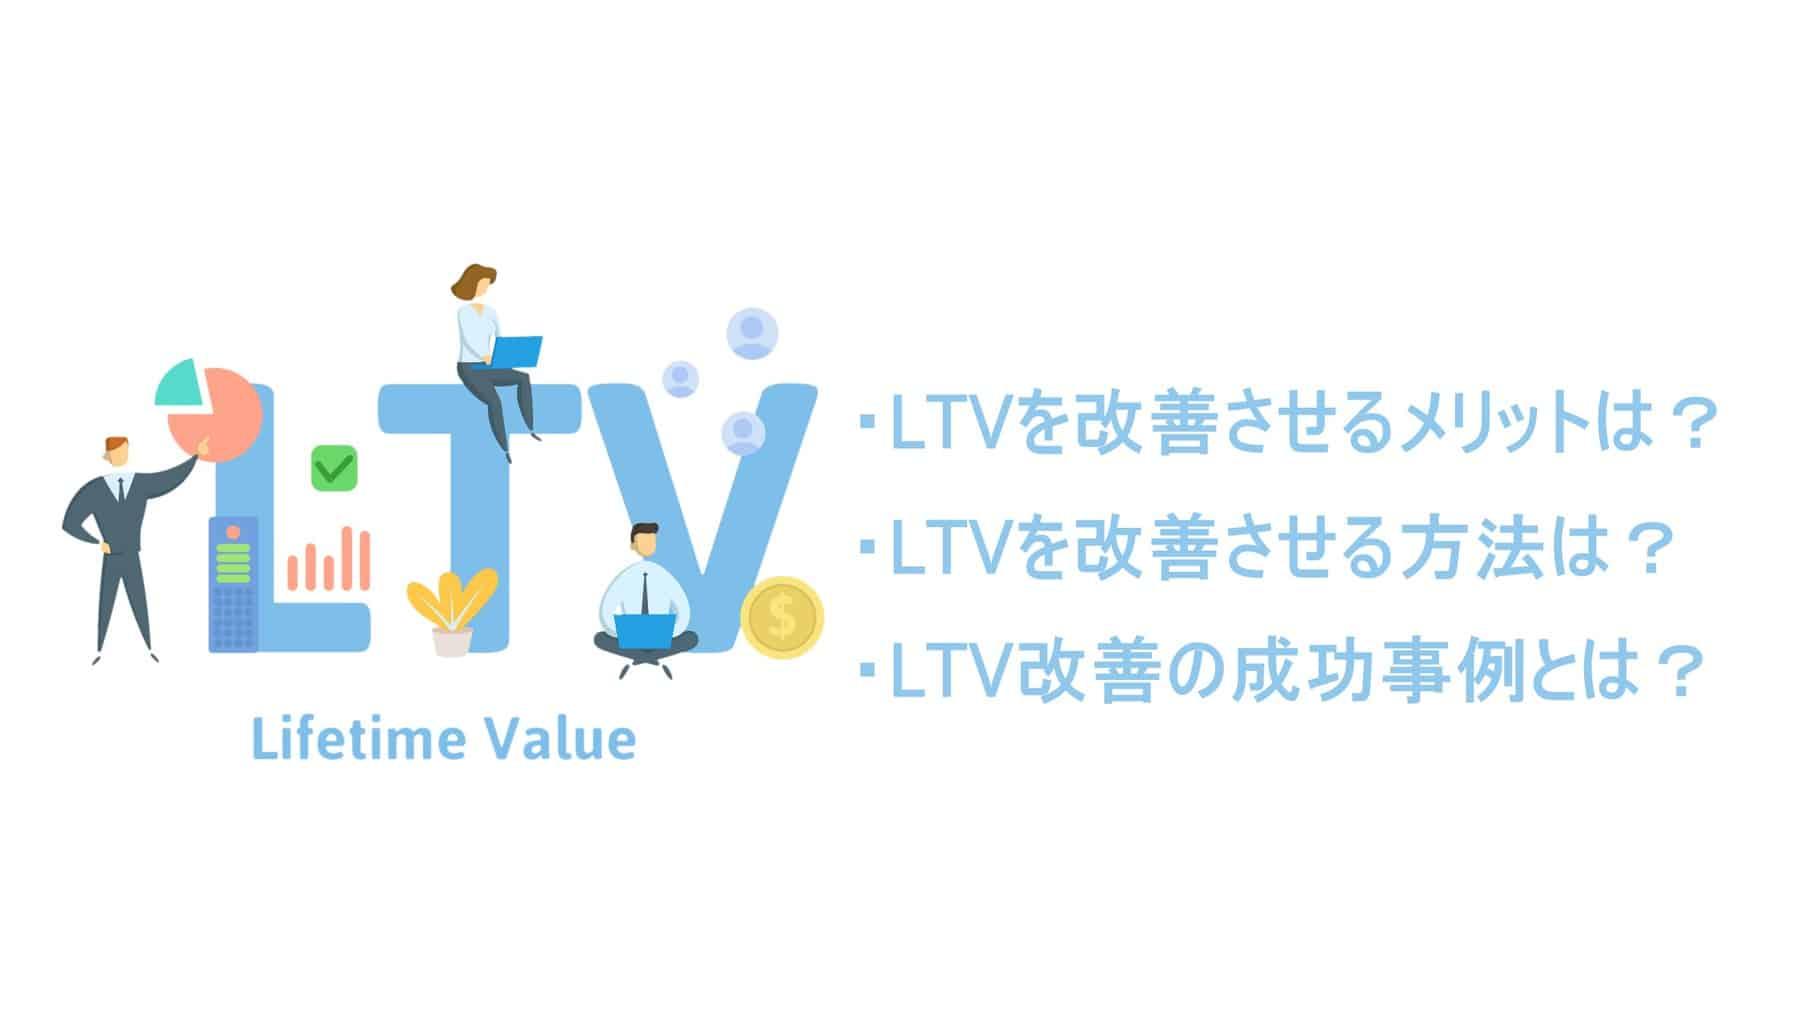 LTVの改善に成功した企業のマーケティング施策とは?メリットや改善方法も解説!